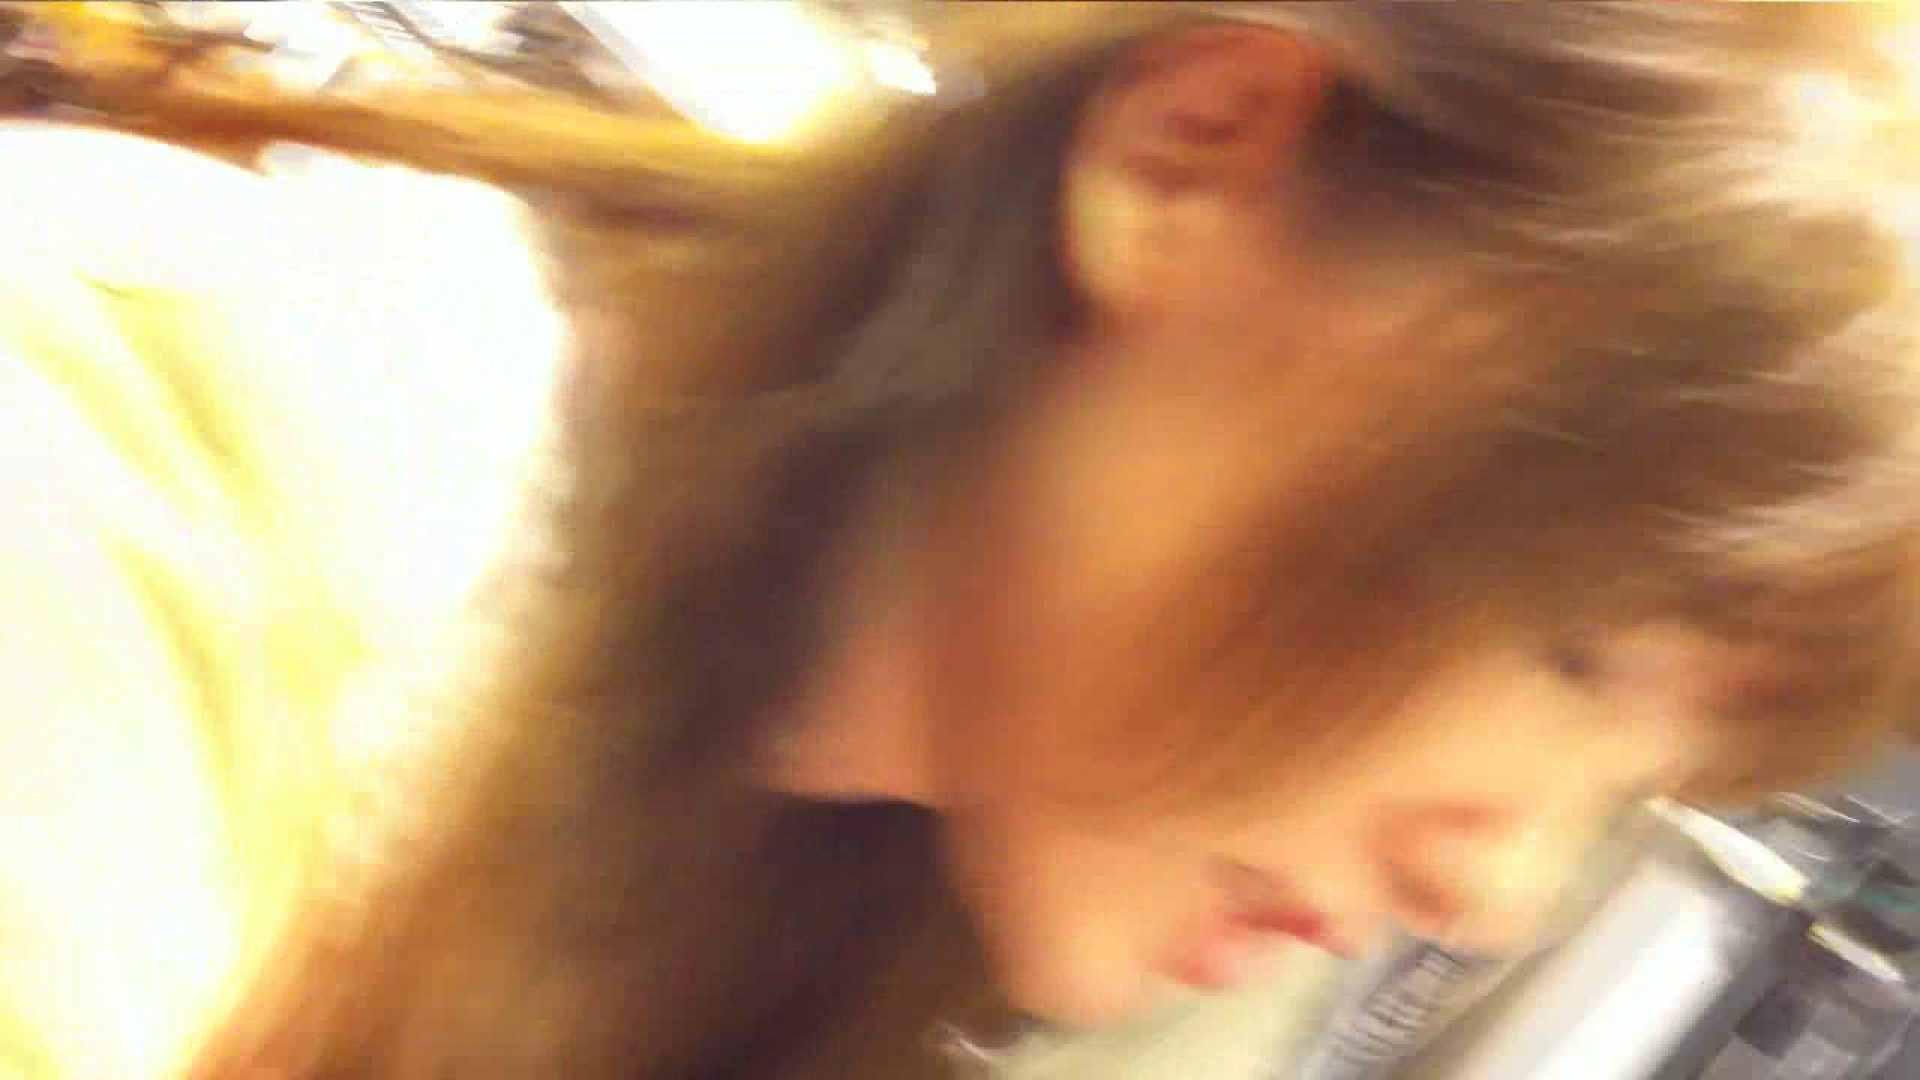 vol.36 美人アパレル胸チラ&パンチラ ポニテ(゚∀゚)キタコレ!! 接写   チラ  54pic 51